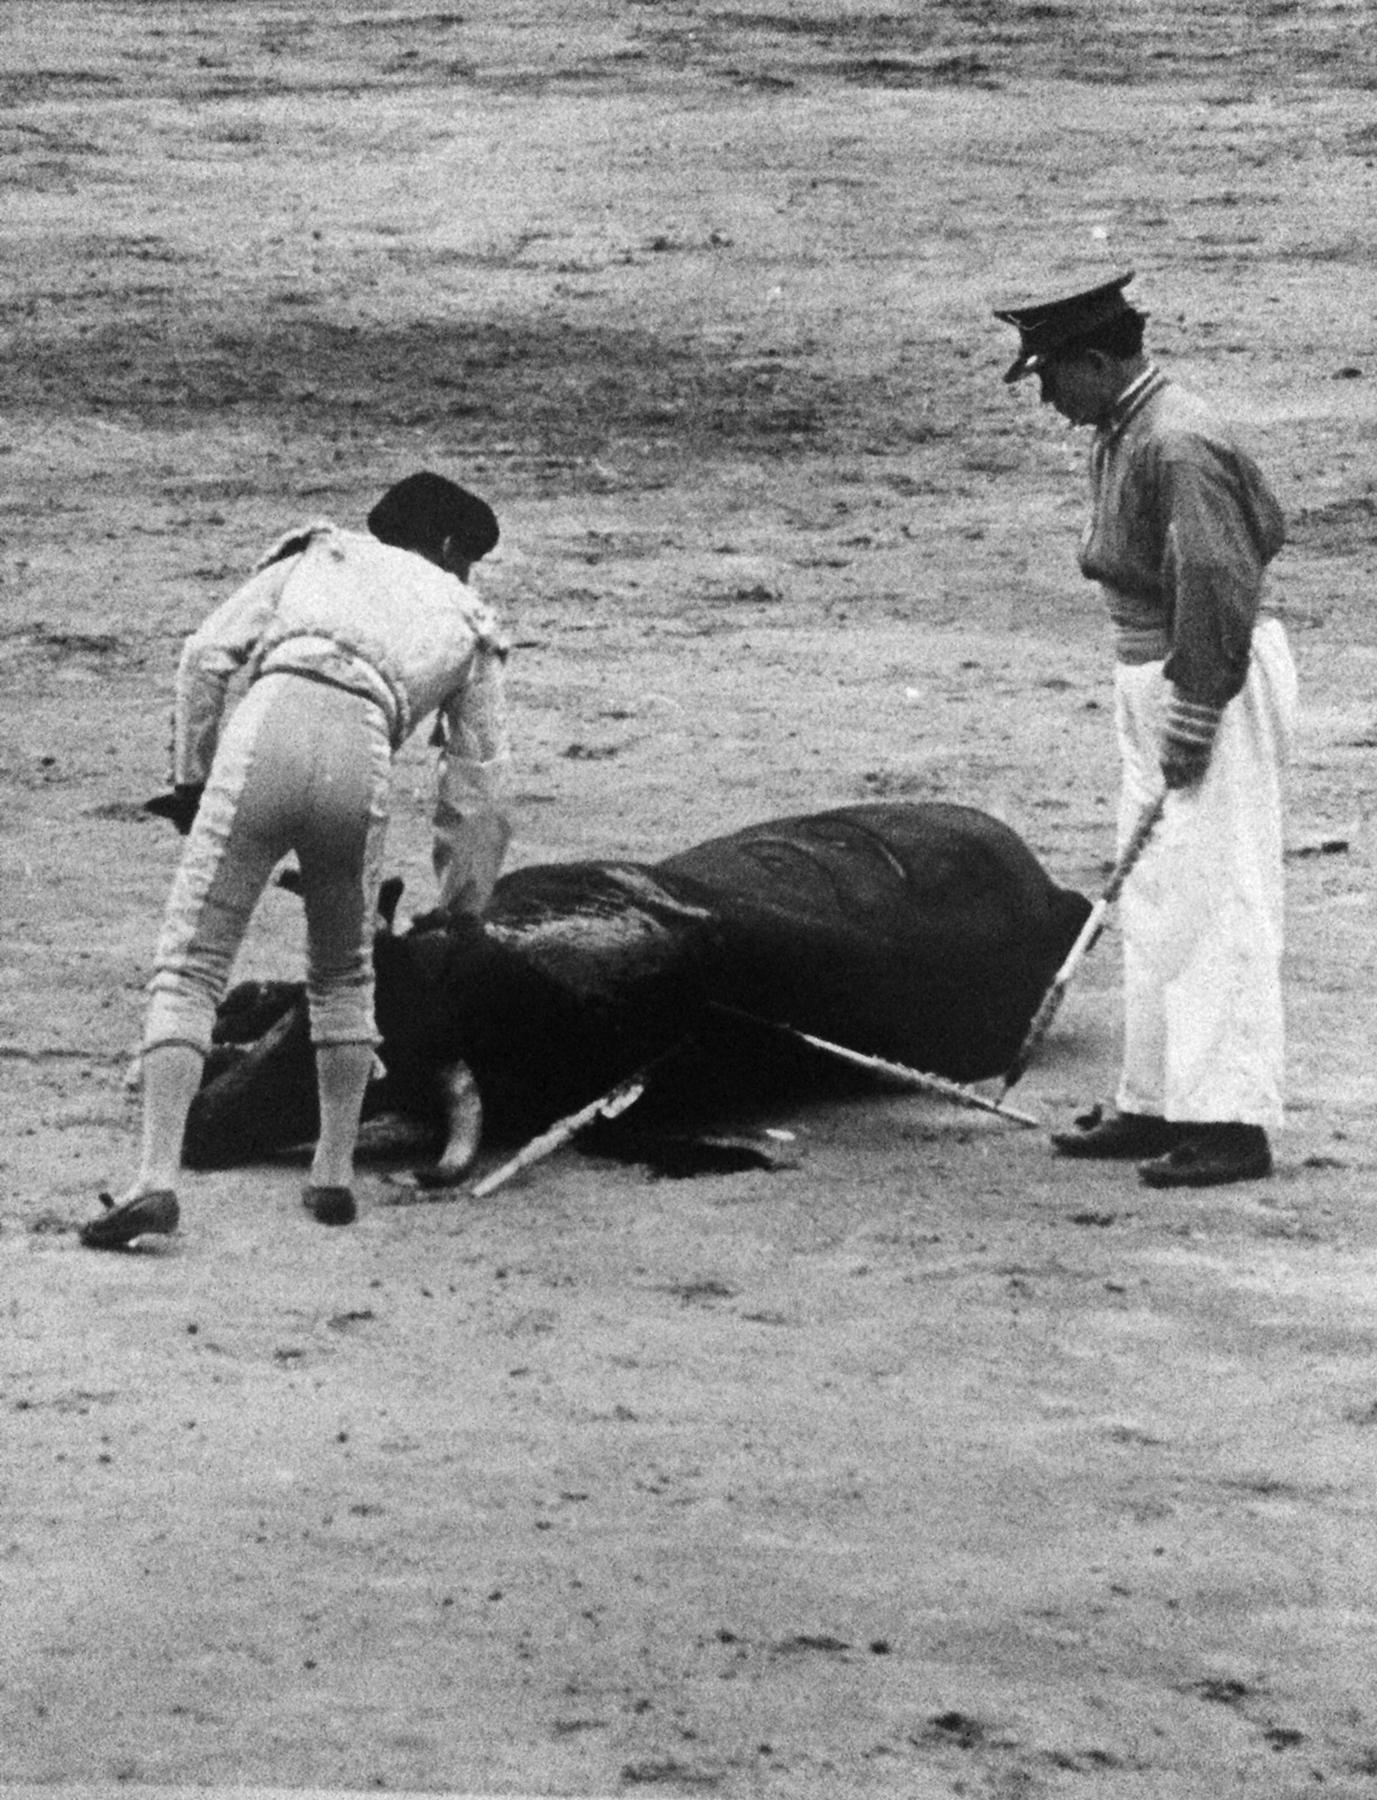 Matador and bull 3